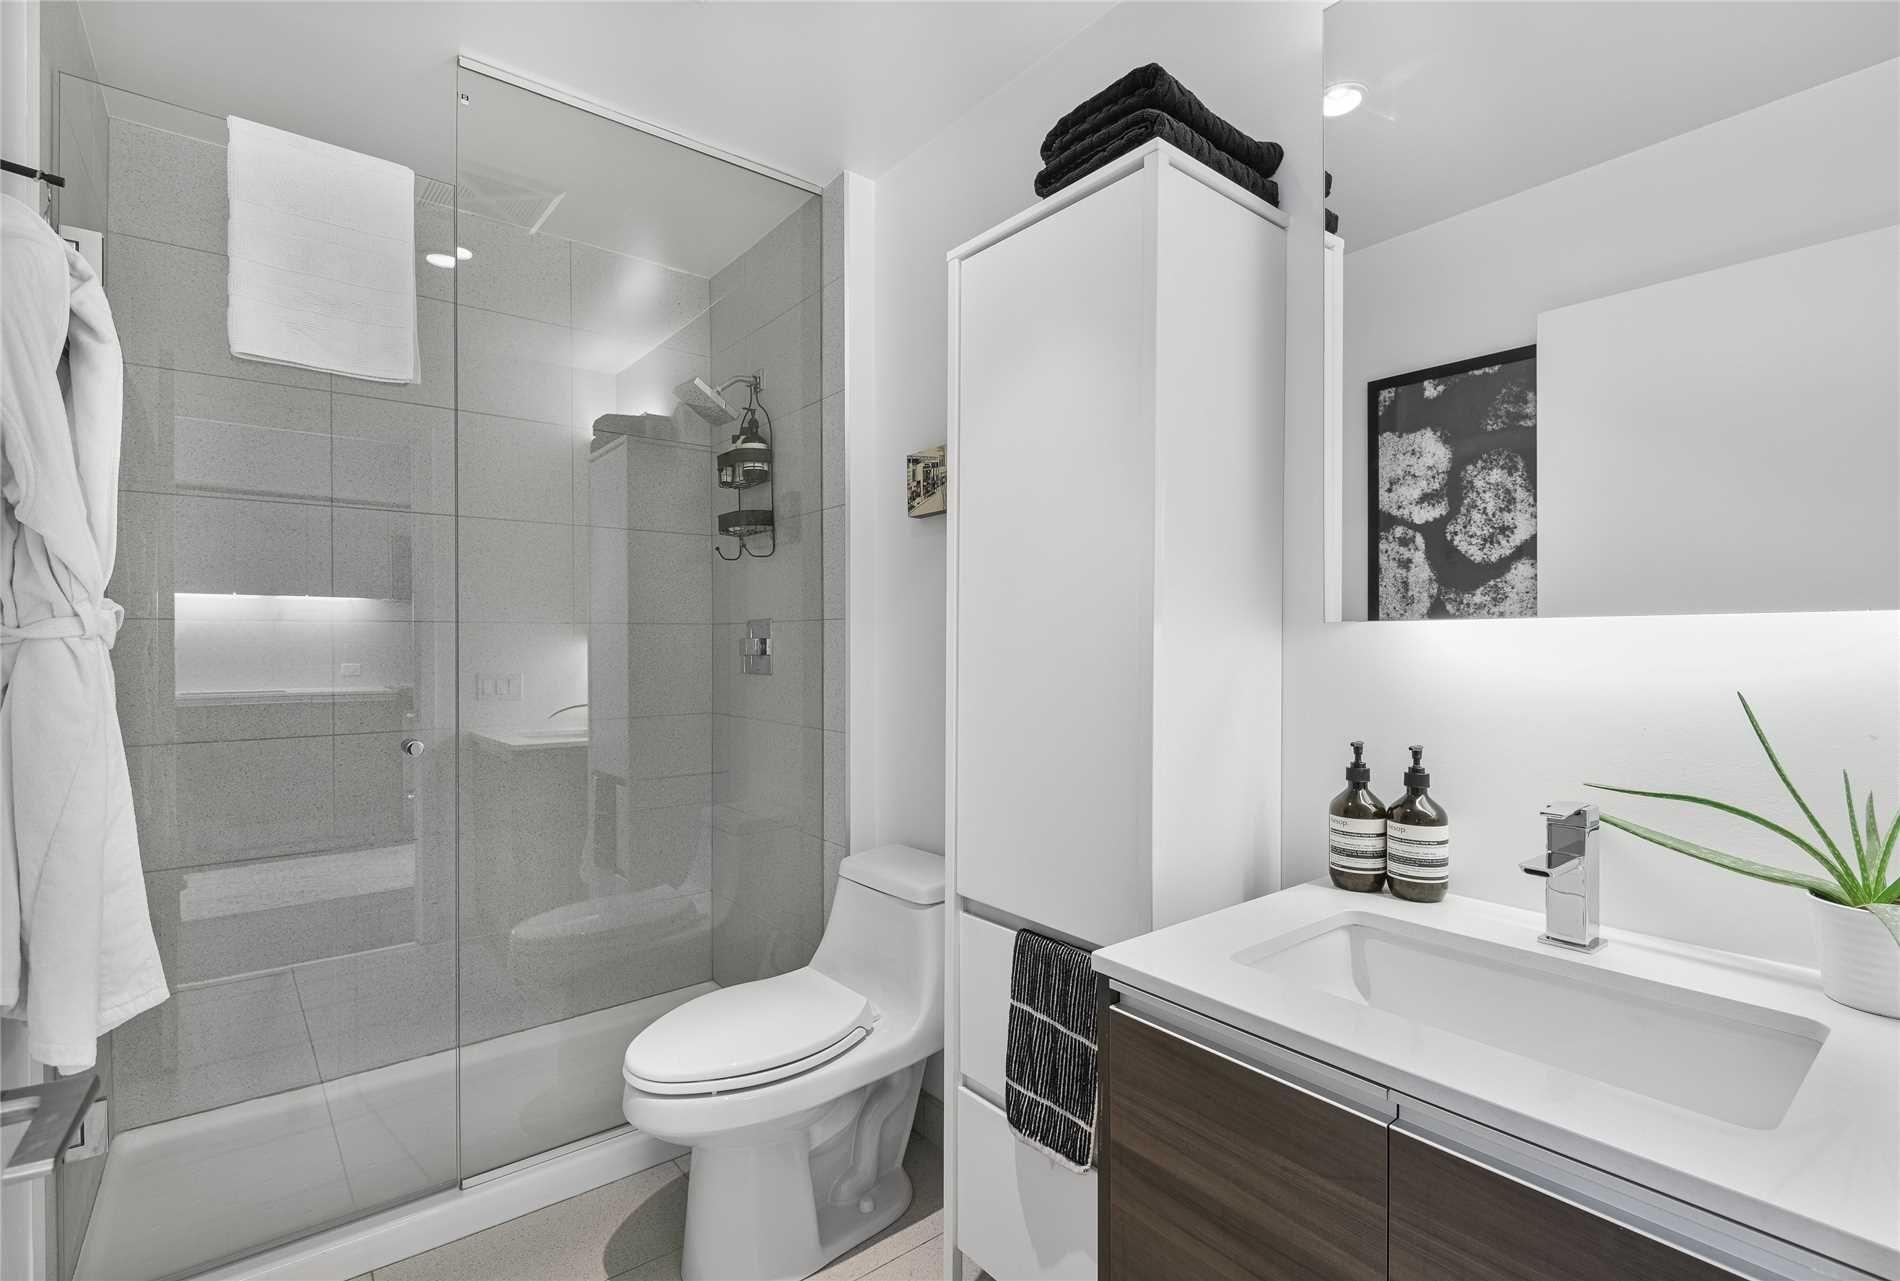 Photo 16: Photos: 910 1190 E Dundas Street in Toronto: South Riverdale Condo for sale (Toronto E01)  : MLS®# E4496416